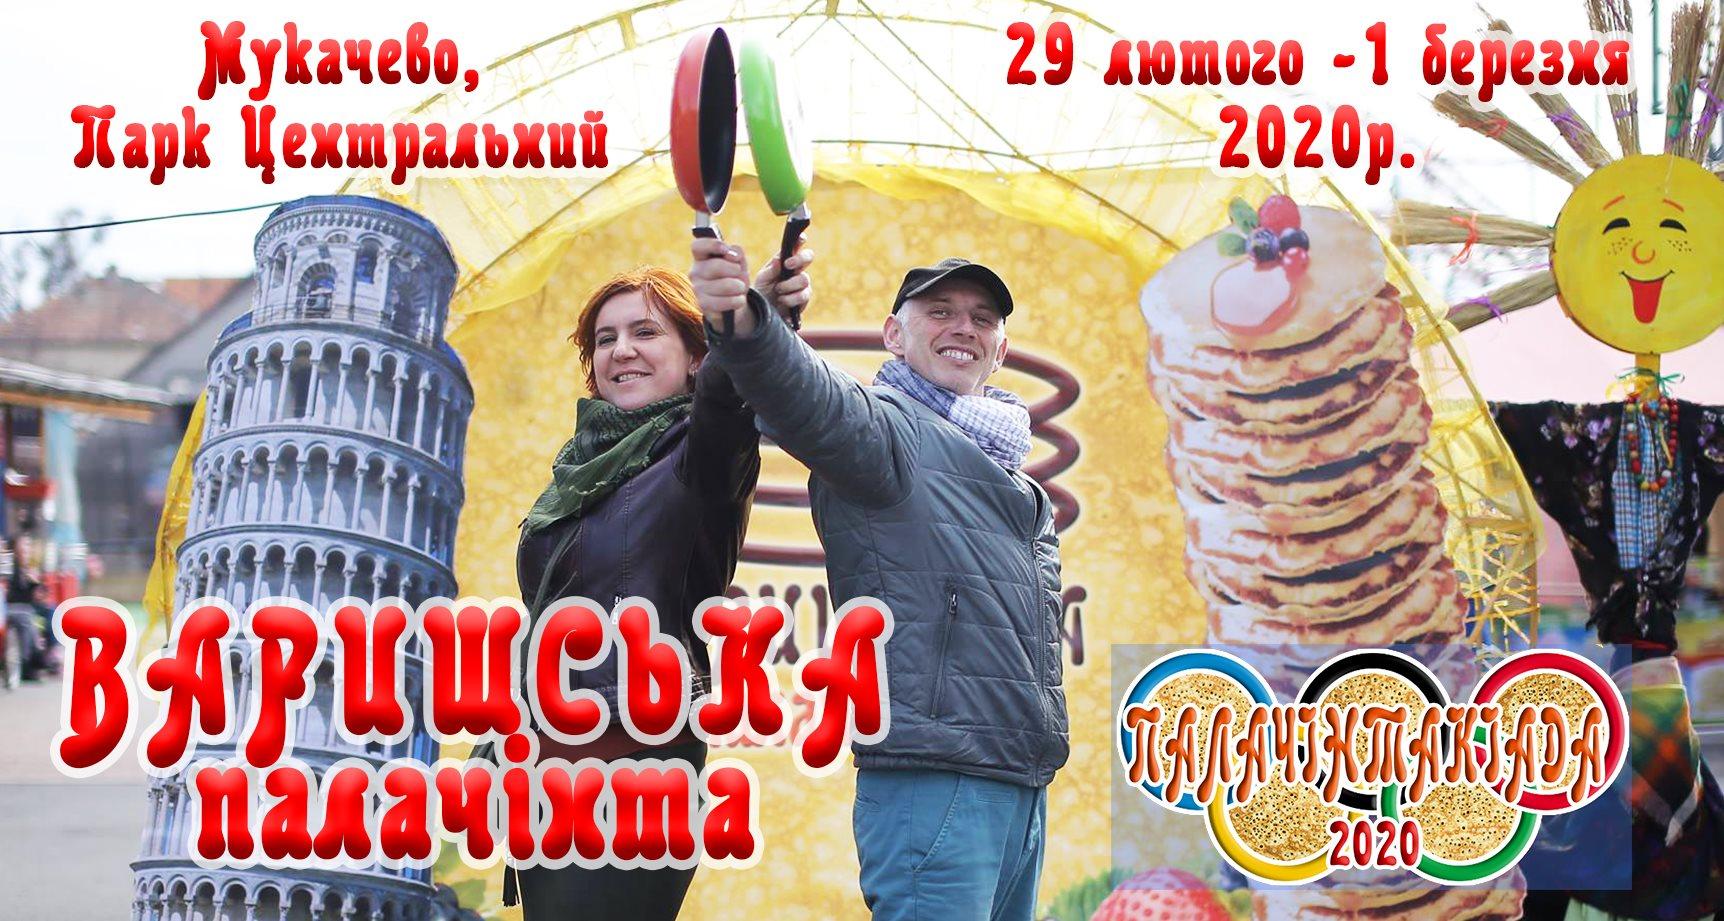 Варишська палачінта 2020 – гастрономічний фестиваль у Мукачево